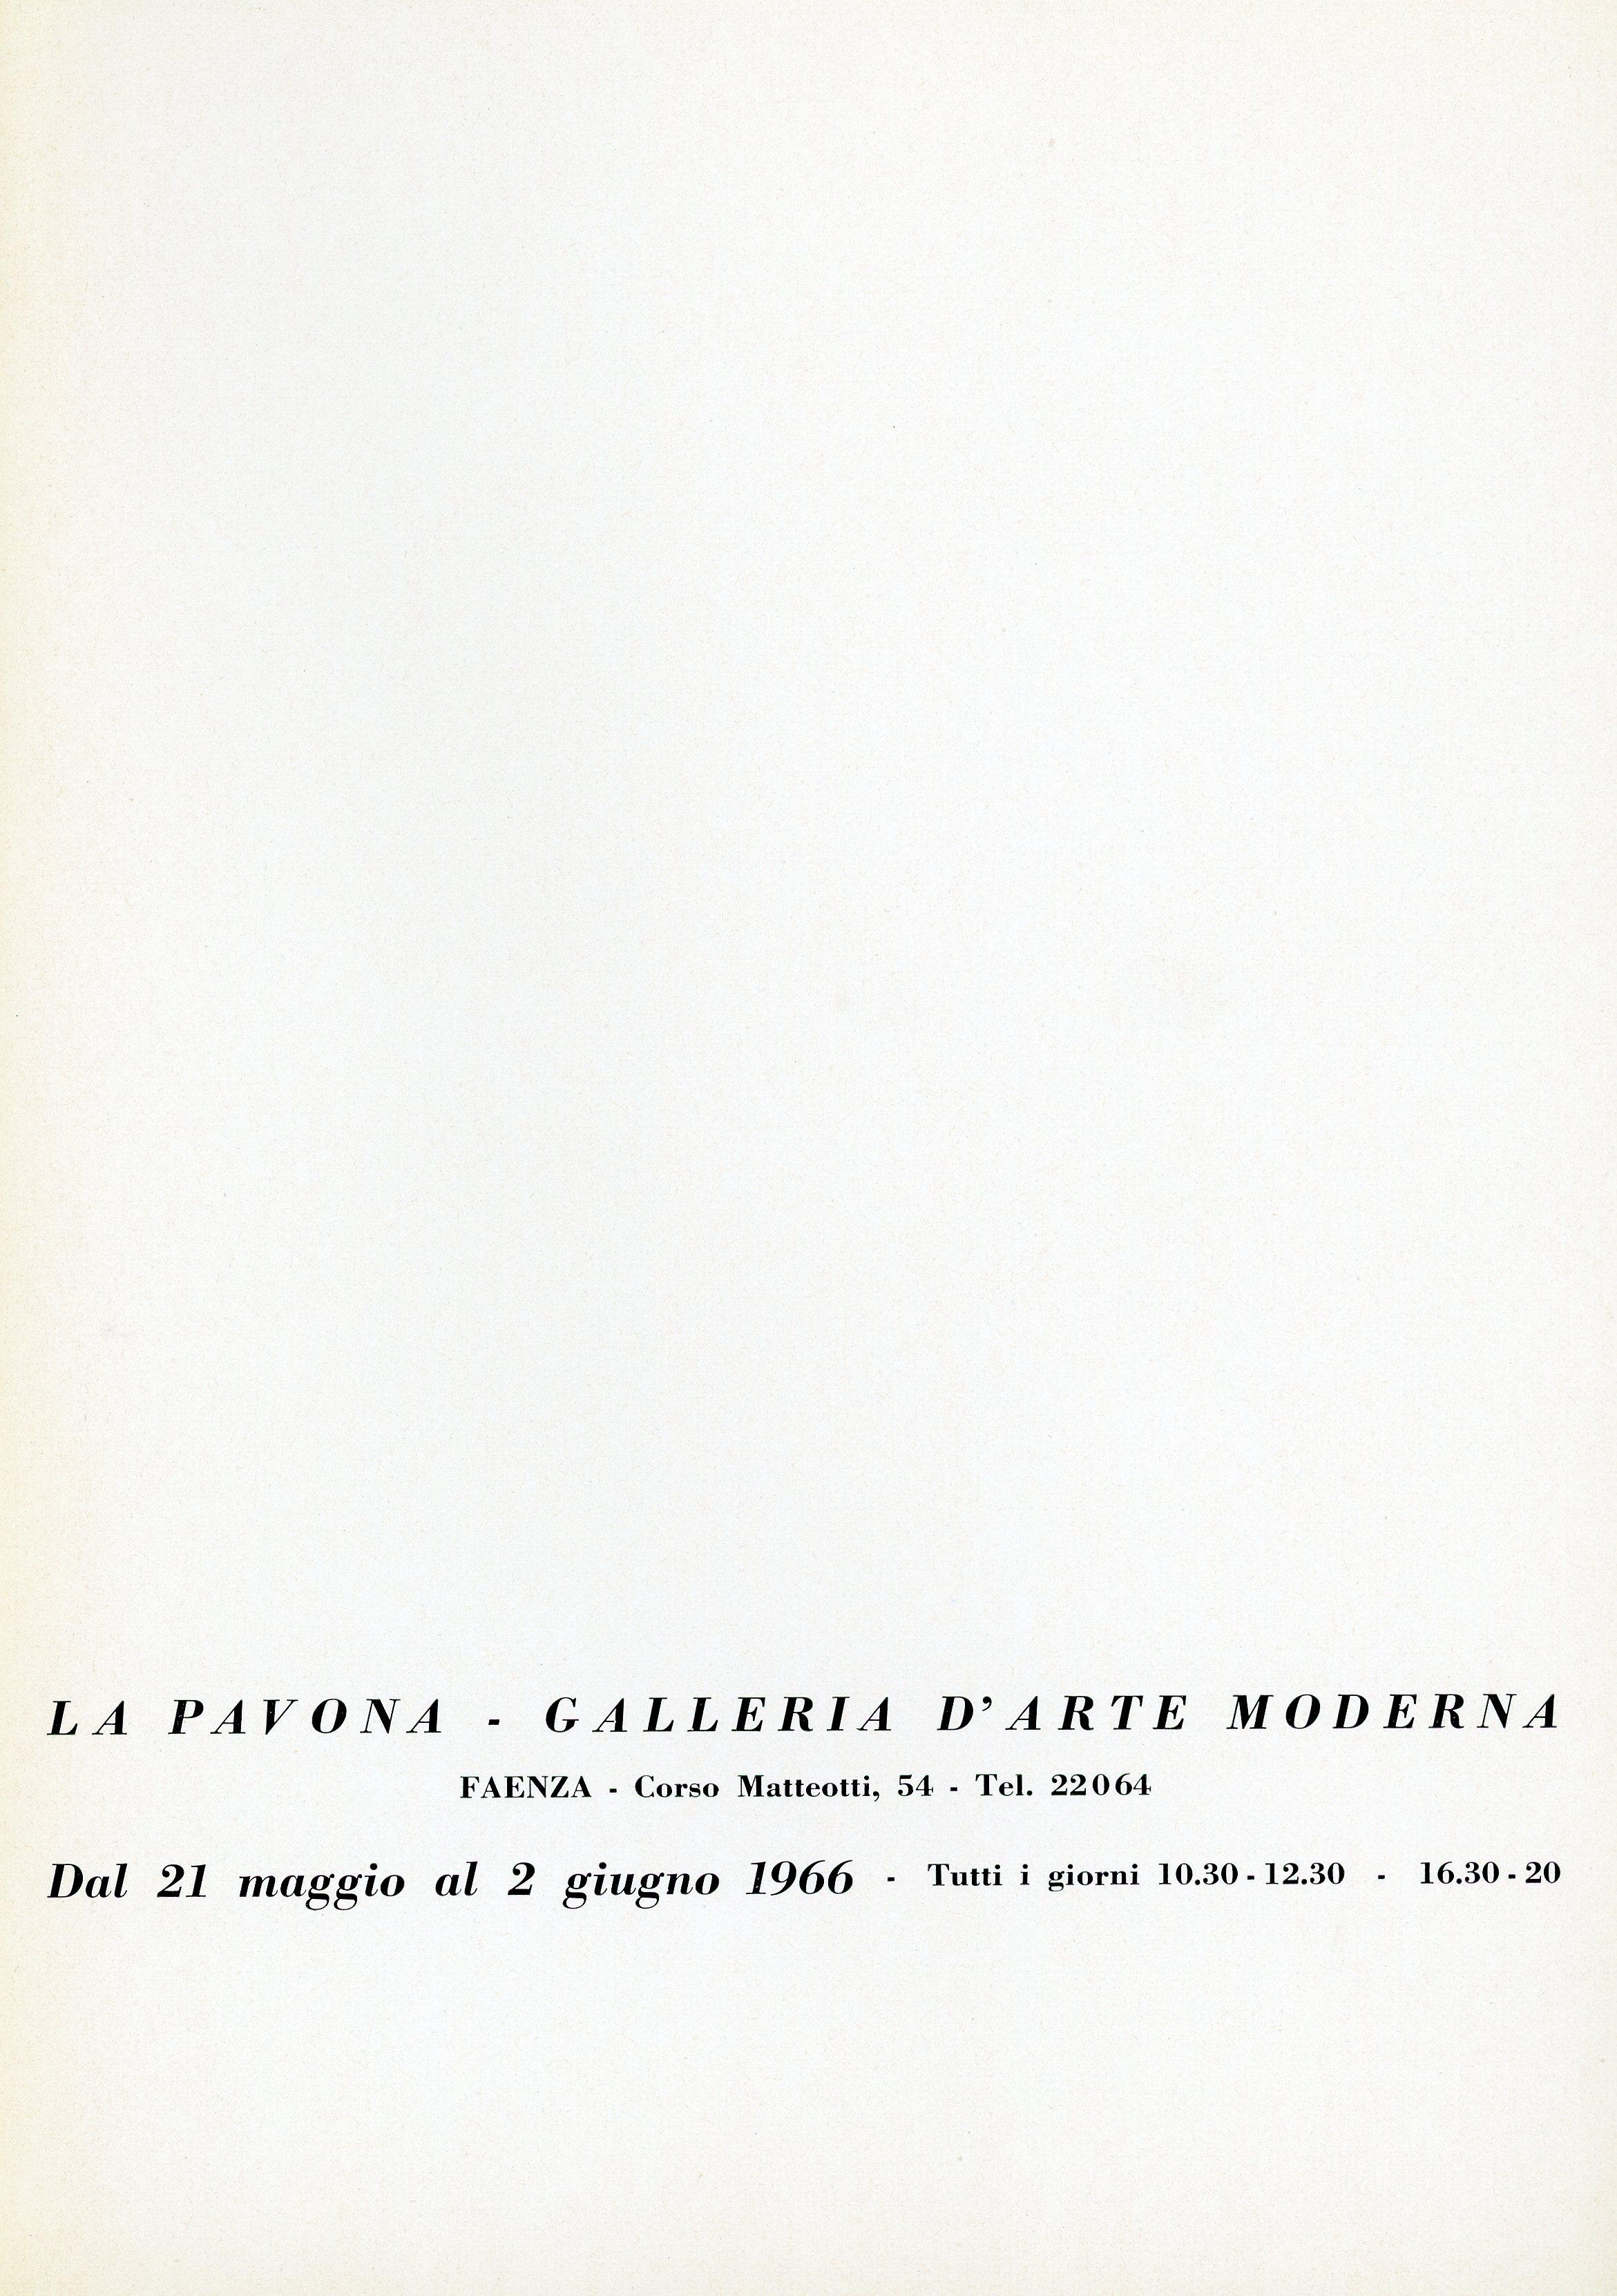 1966-06 La Pavona - Bruno Caruso_07.jpg